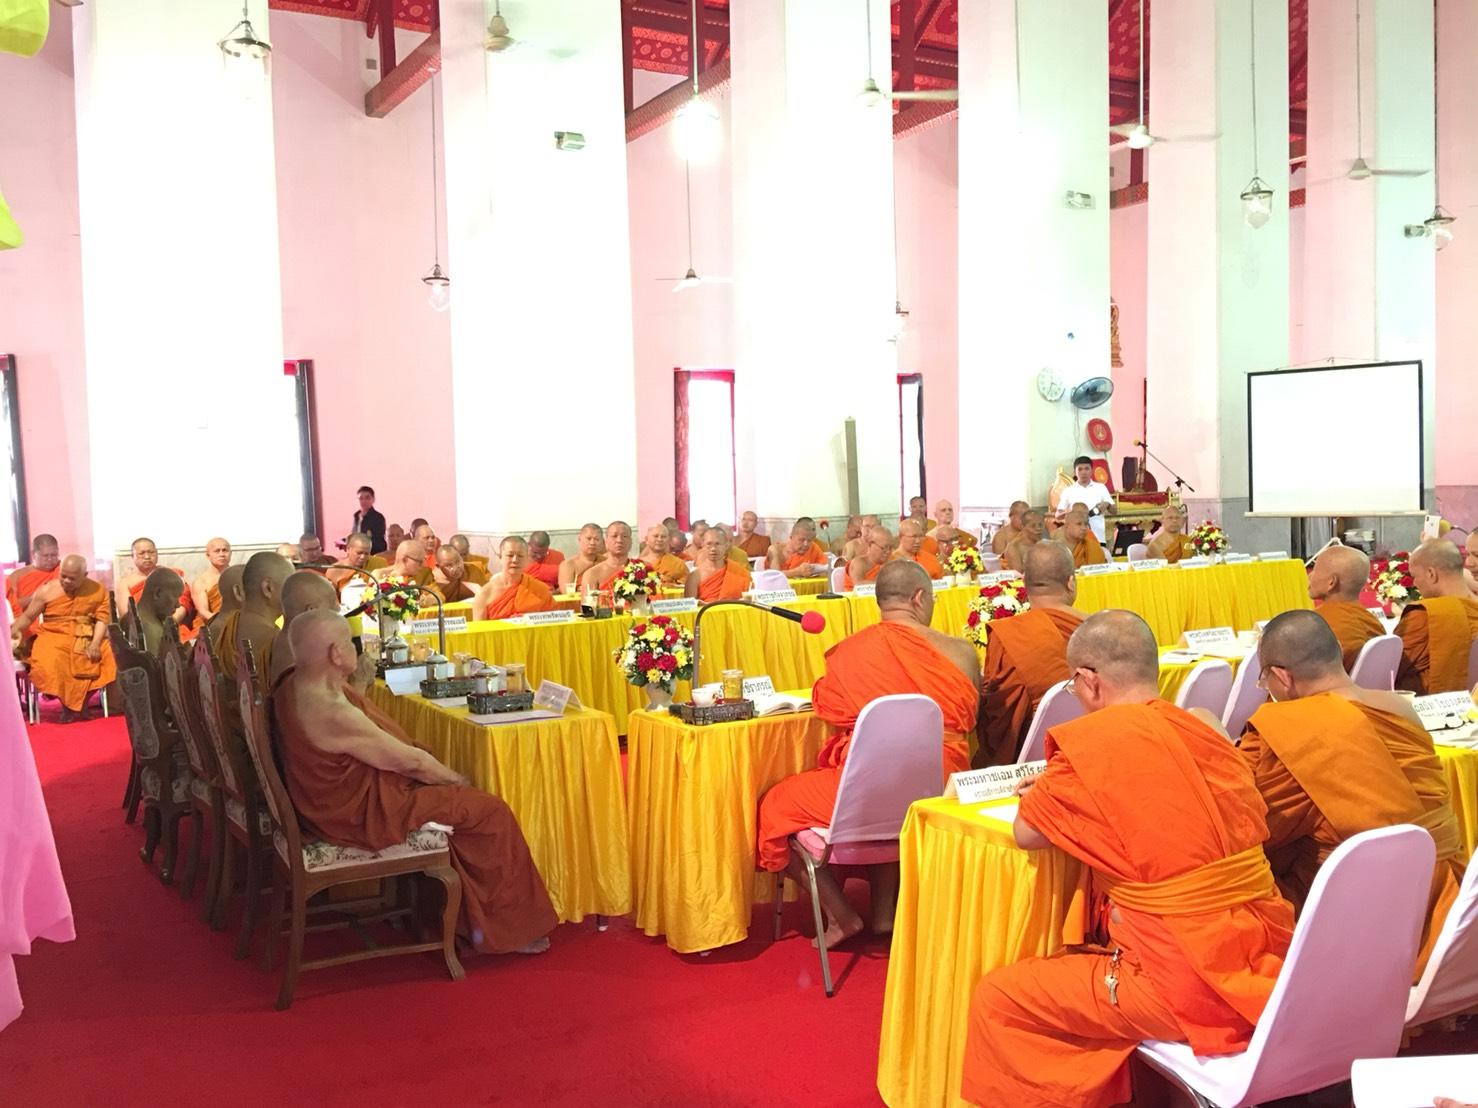 610205 ประชุม กก อำนวยการ-ดำเนินงาน พระธรรมทูตรุ่น24 โดย วพท 32